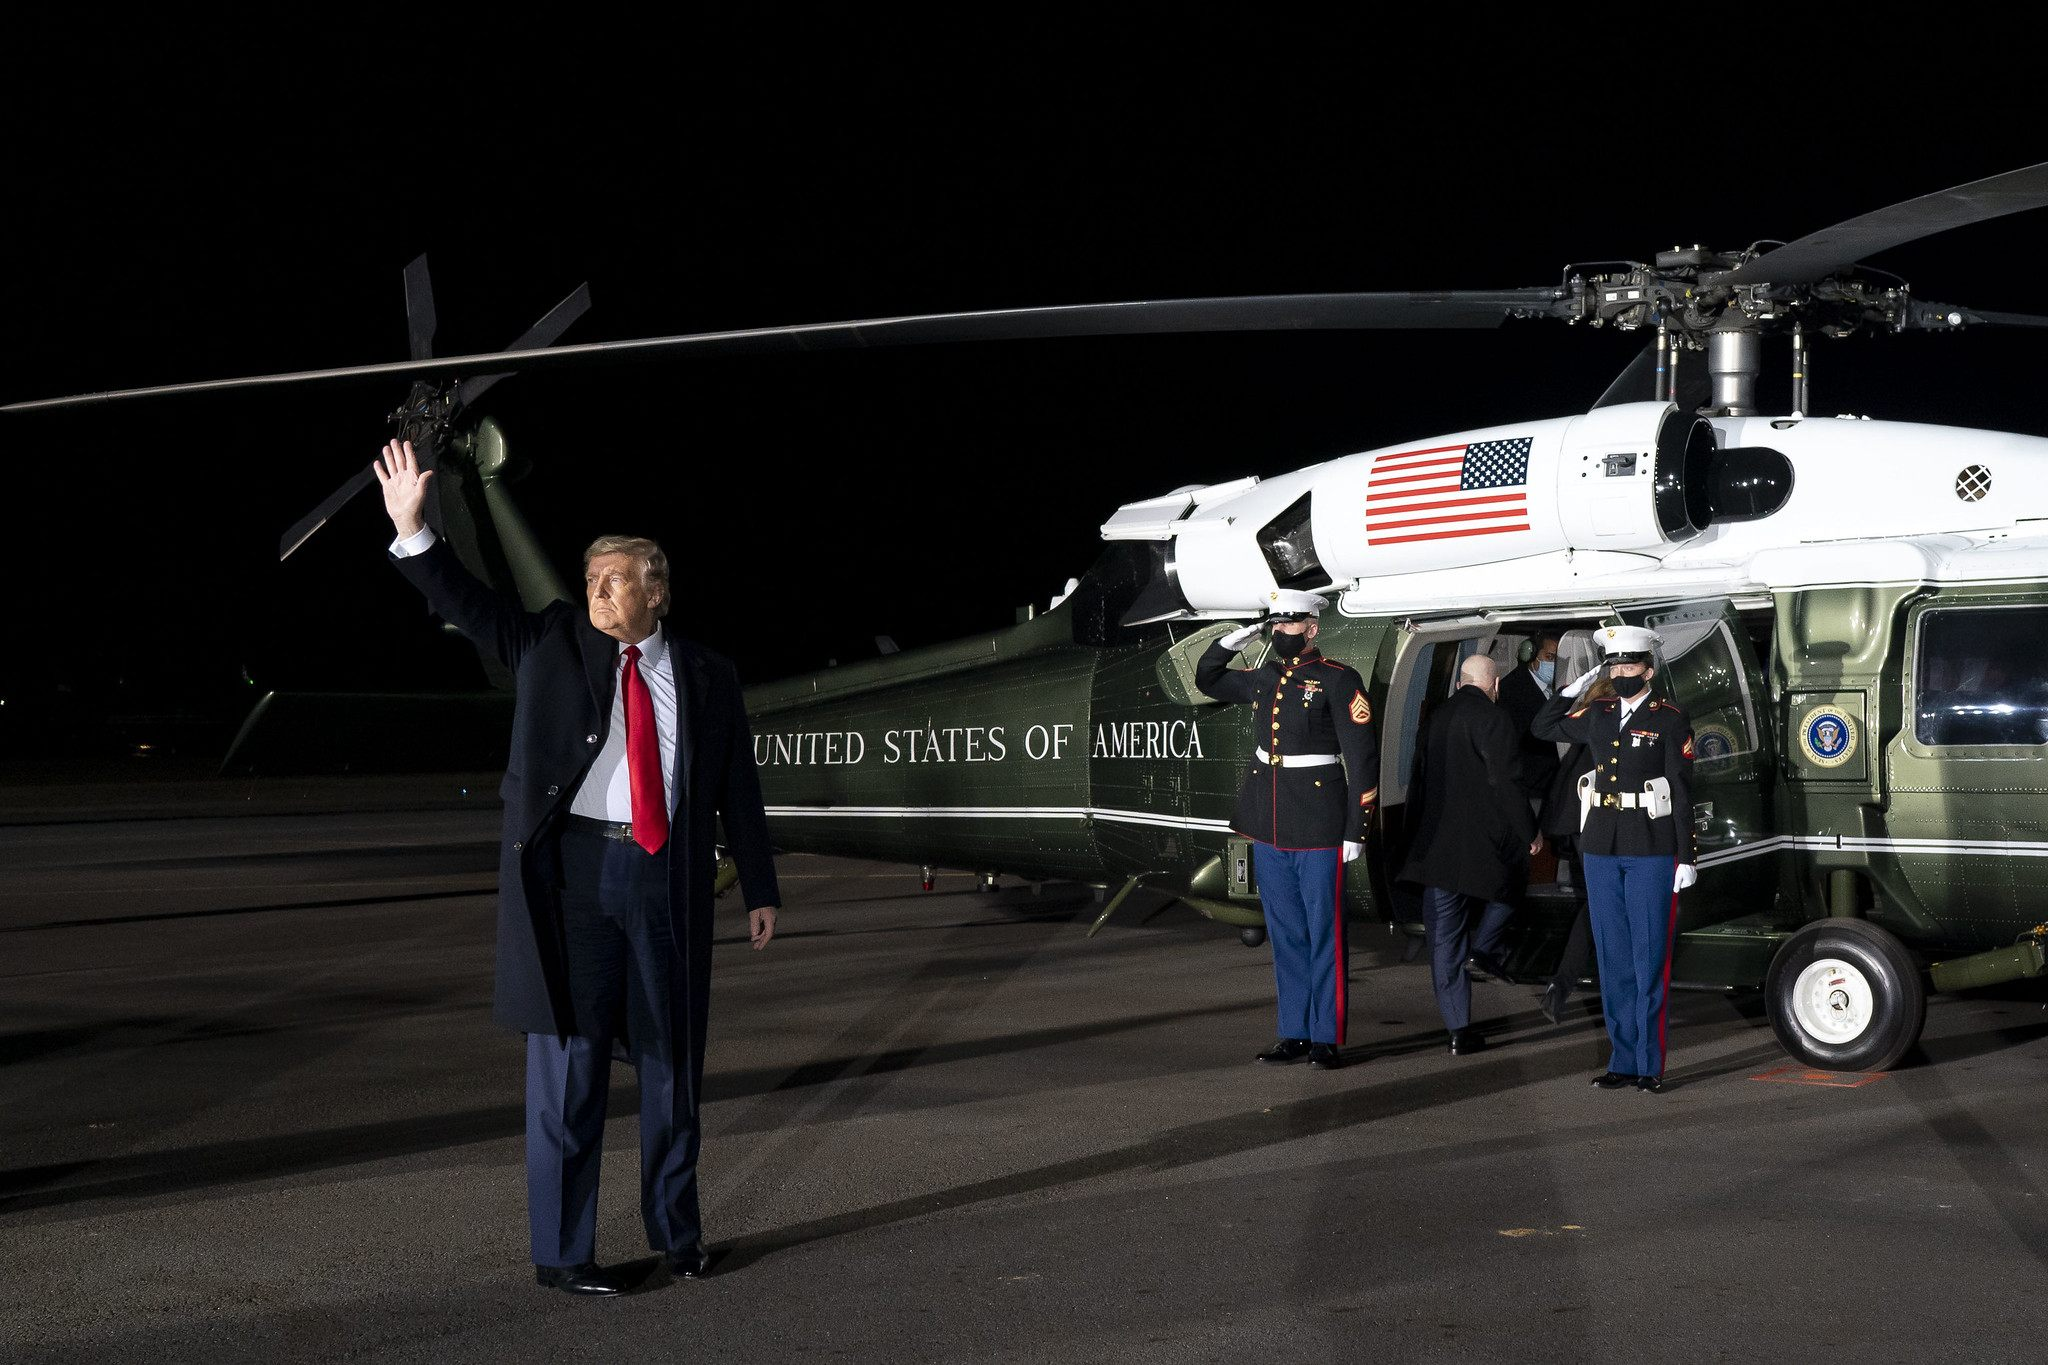 Donald Trump winkt, kurz bevor er in den Hubschrauber einsteigen wird, der einige Meter hinter ihm steht. Es ist Nacht.